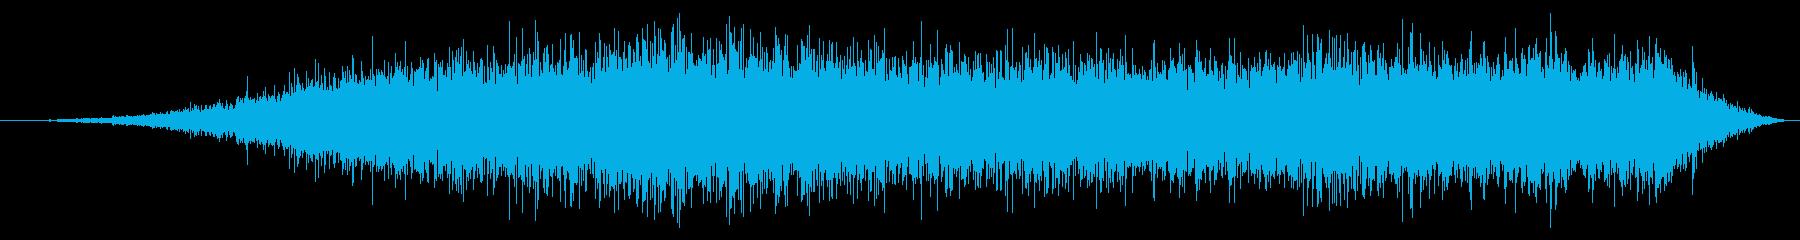 メルセデスS400 V6ハイブリッ...の再生済みの波形